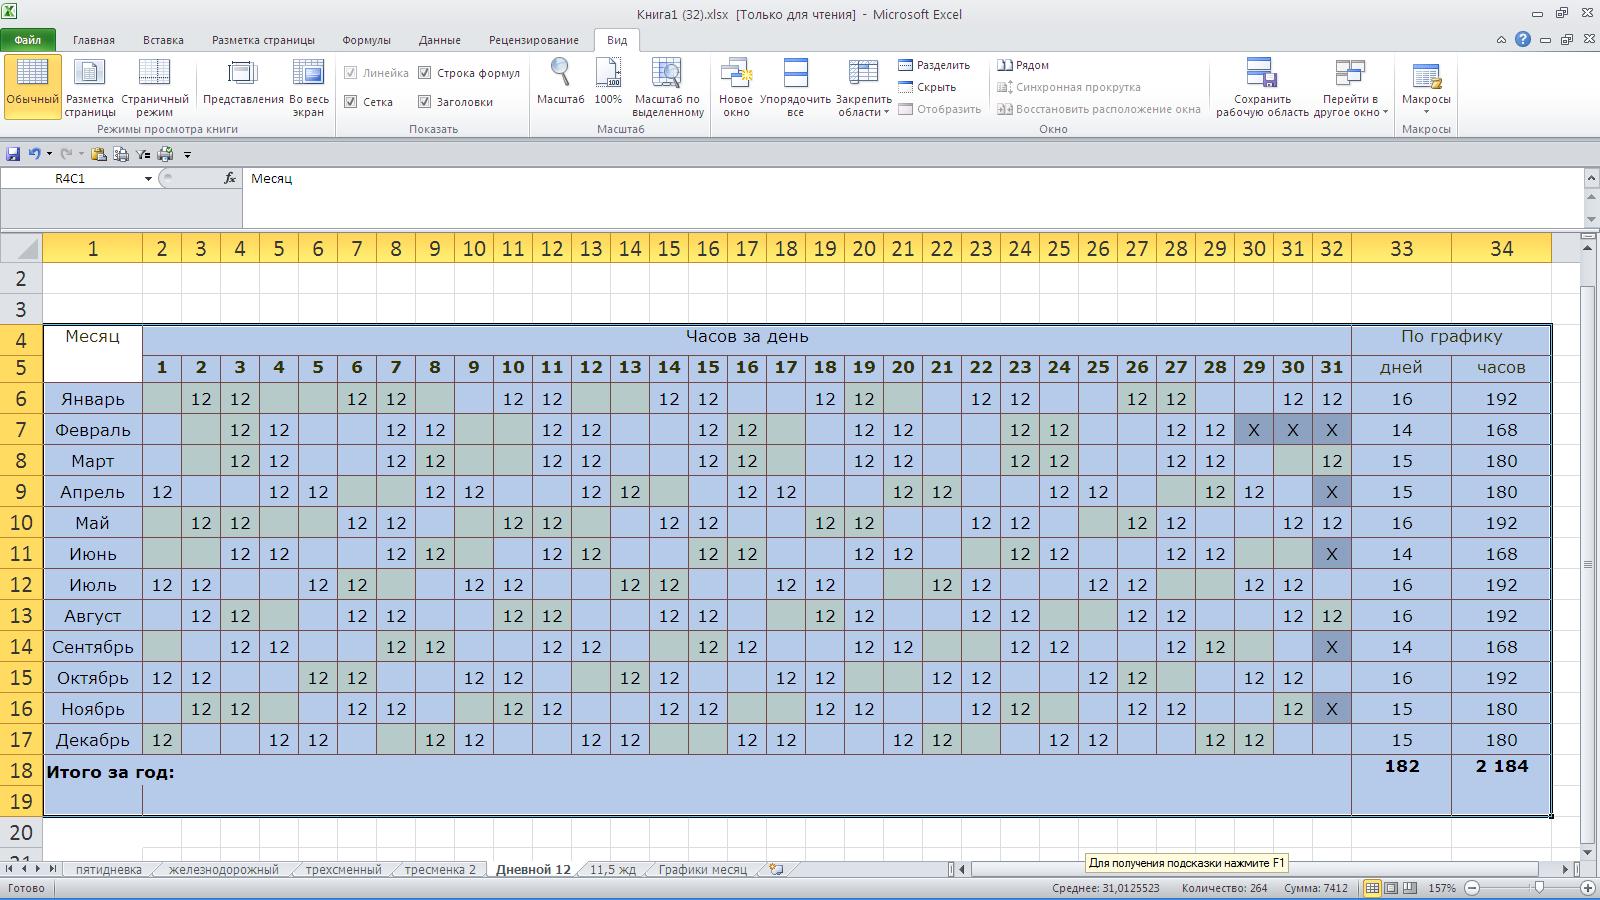 e493a6cc221b8 ... тоже заложены переработки и снова выходом может быть выделение 1 часа  времени на обед, т.е. проставление 11 часов вместо 12. Можно сделать любой  график, ...